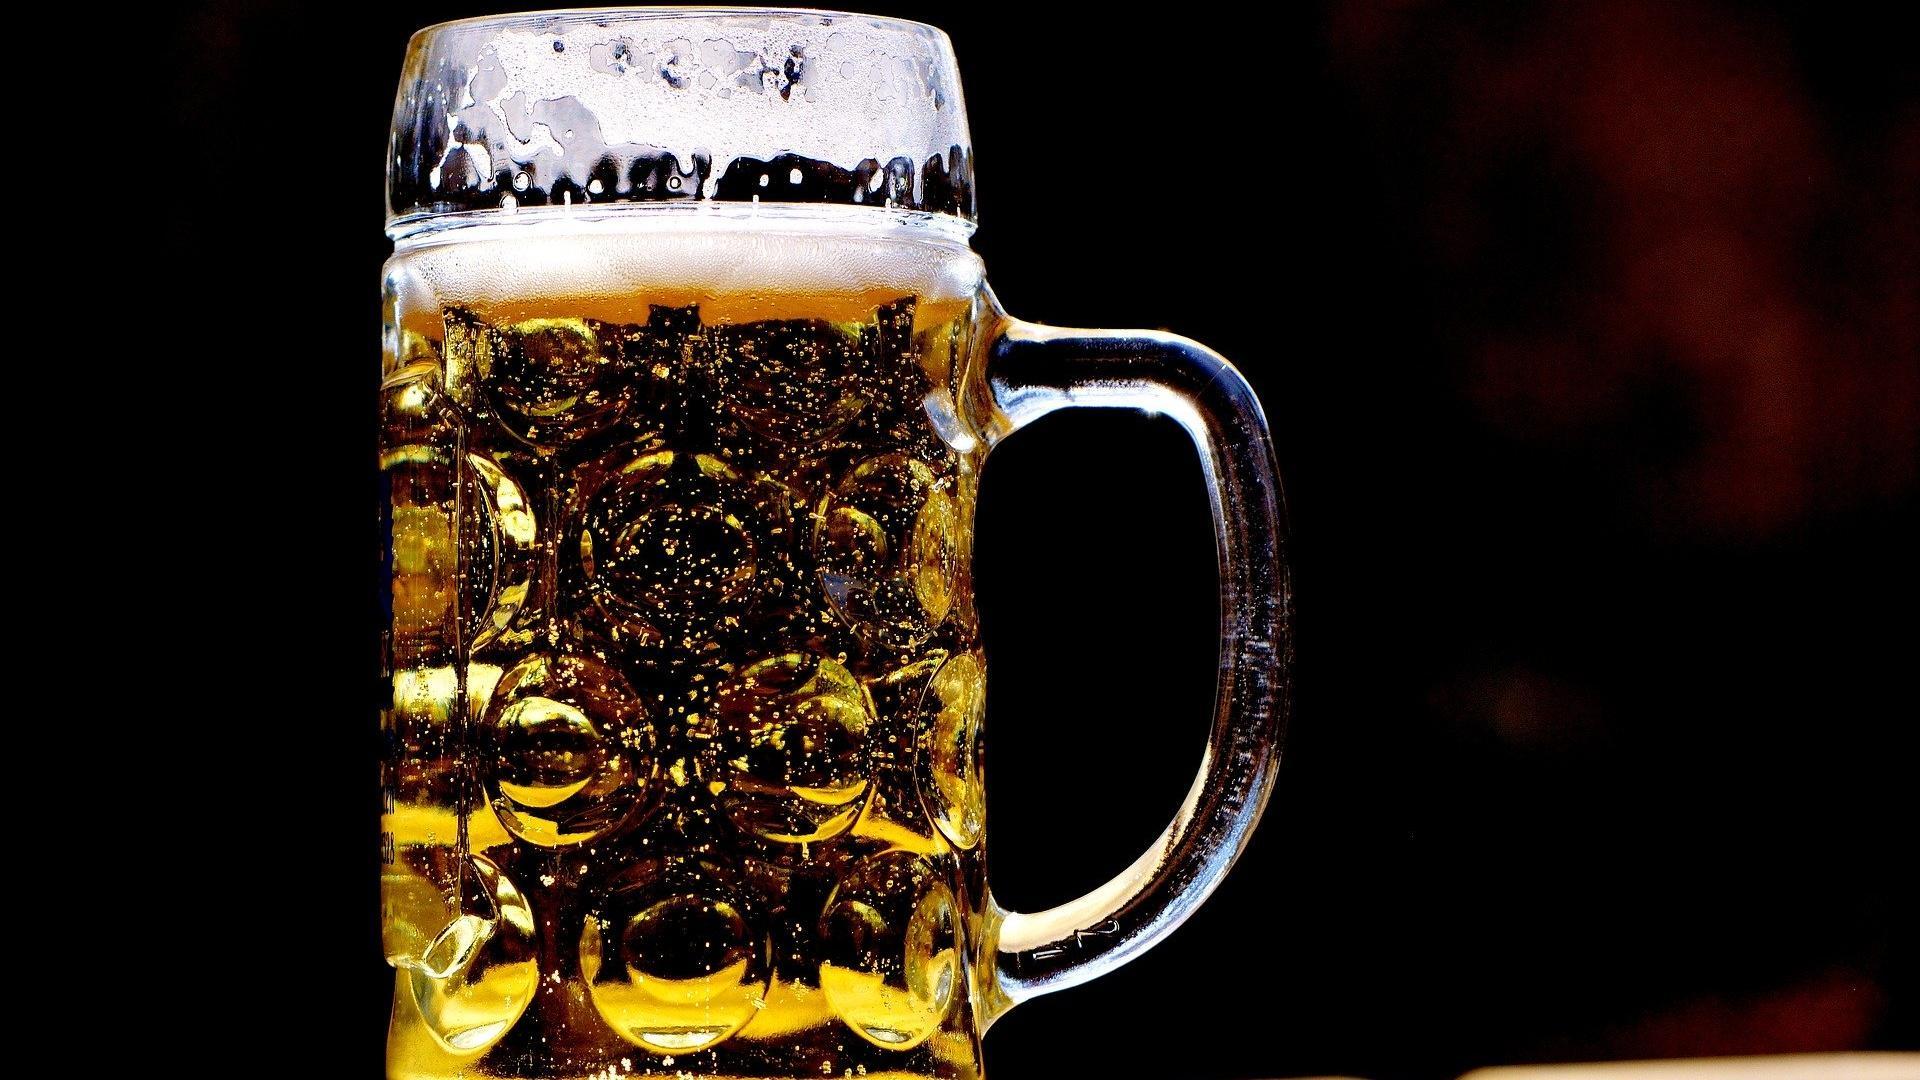 Biermischgetränk: So kam das Radler zu seinem Namen